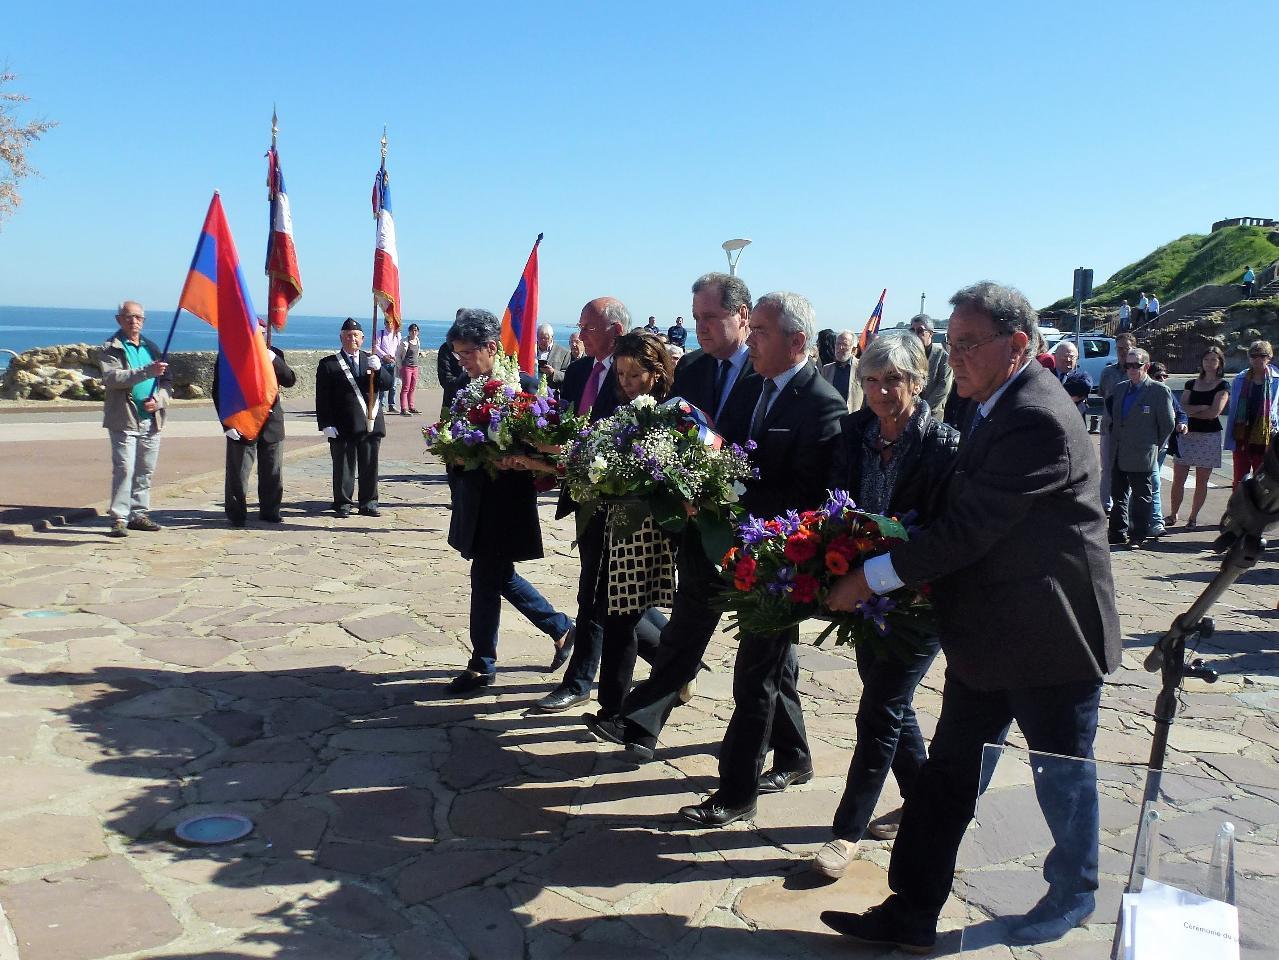 La mémoire du génocide arménien à Biarritz